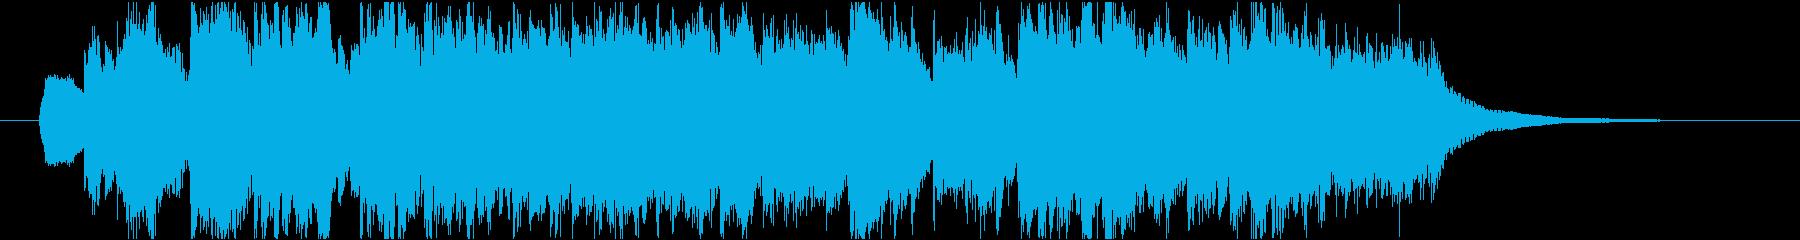 シンセストリングスのポップなジングルの再生済みの波形